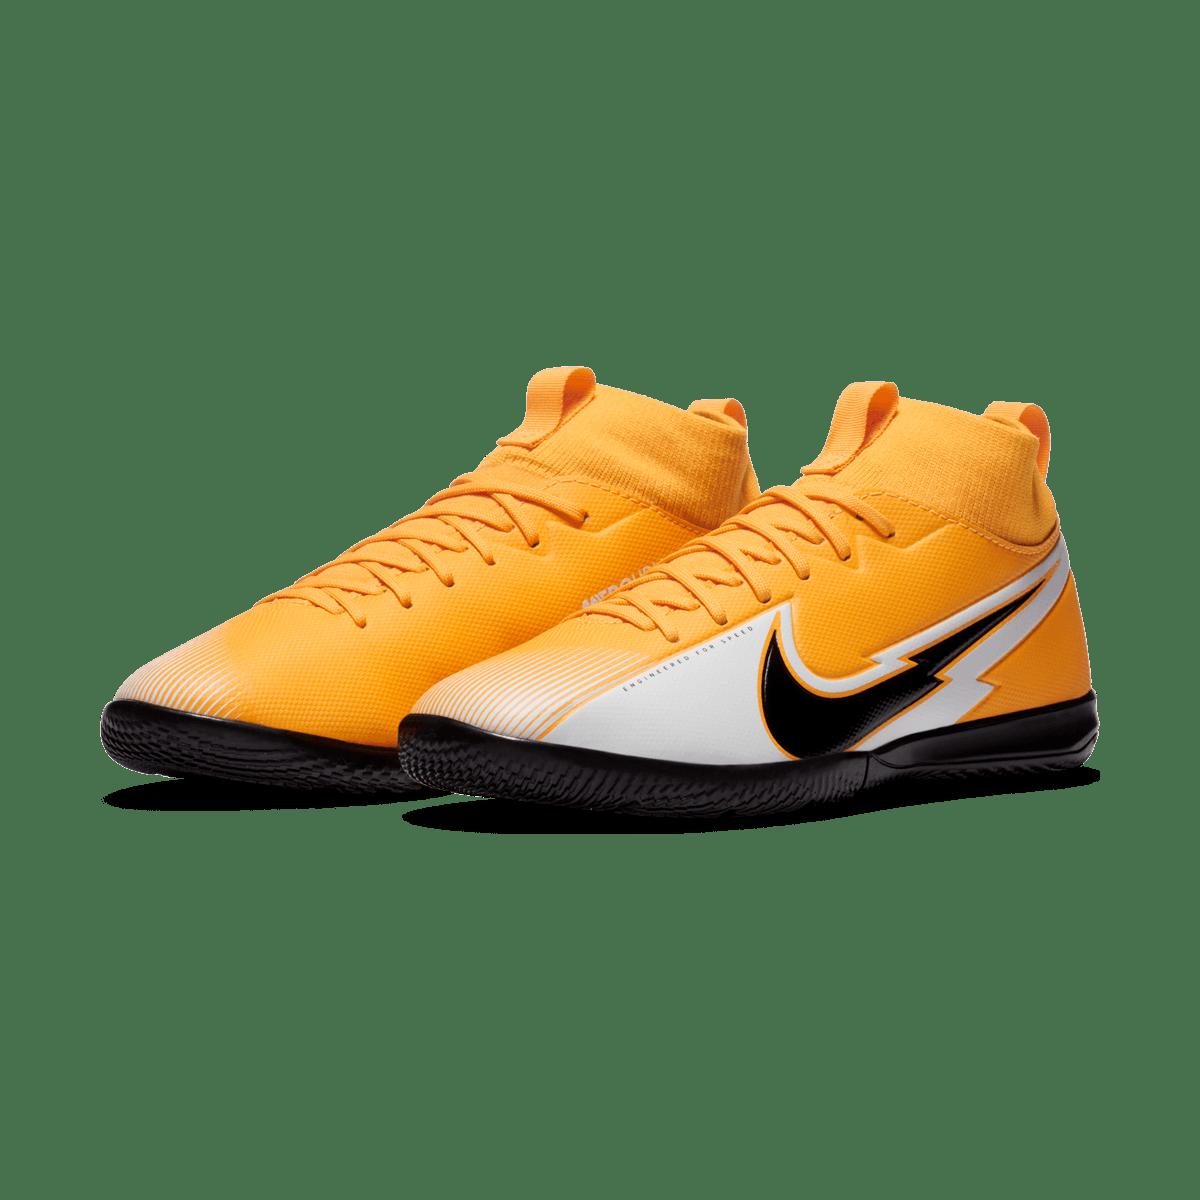 Chaussures de salle Nike Mercurial Superfly VII Academy Jr IC orange/noir pour enfants